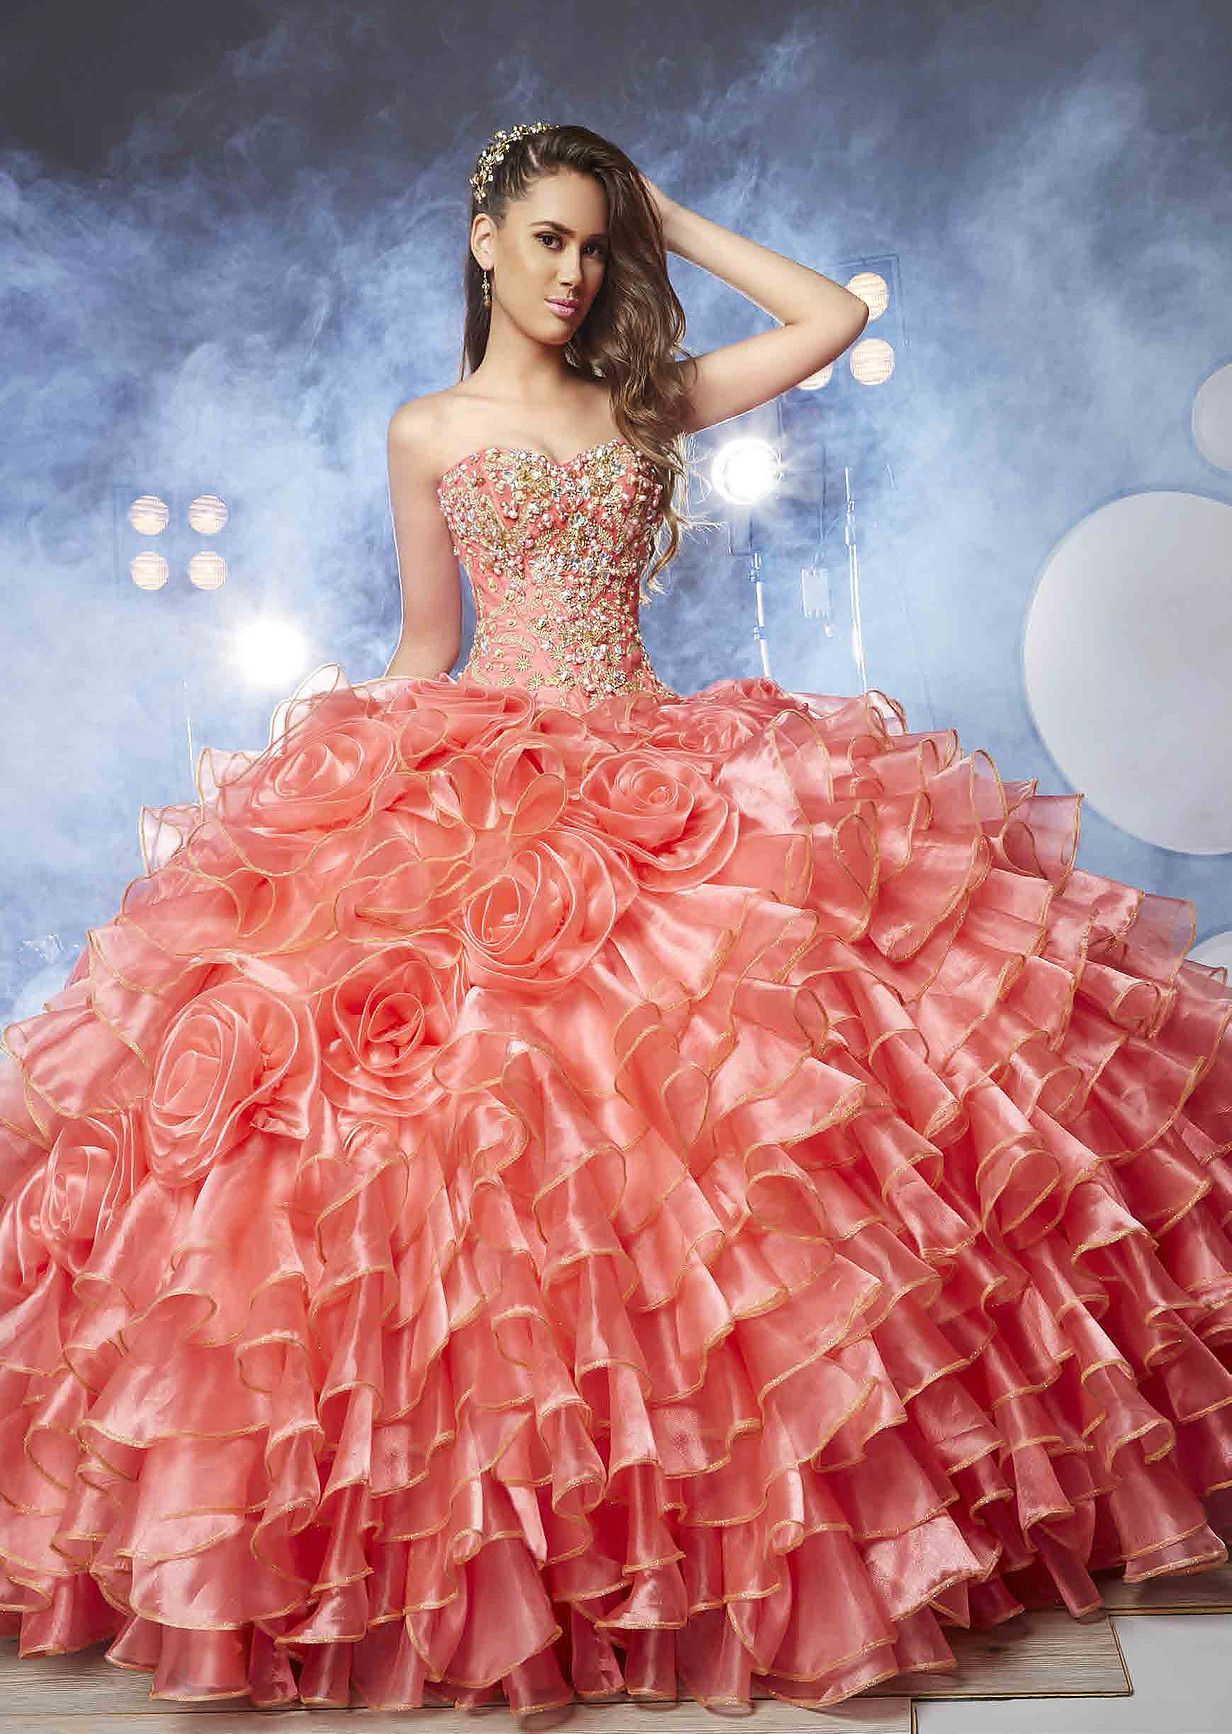 Quinceañera Dresses Ragazza, Morena Esencial, Coleccion Desigual ...